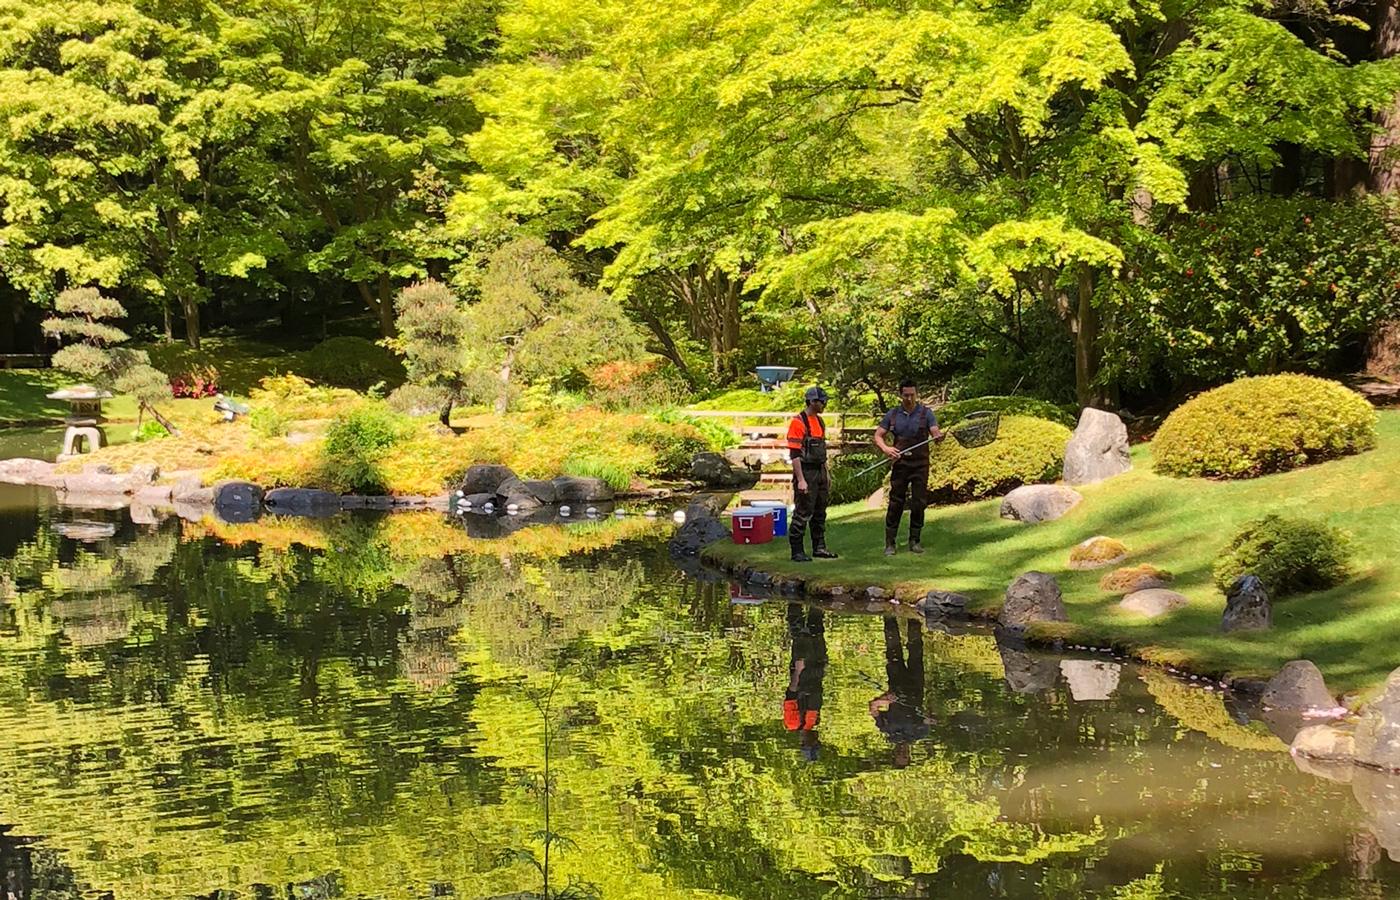 Nitobe Memorial Garden donates koi to Dr. Sun Yat-Sen Classical Chinese Garden